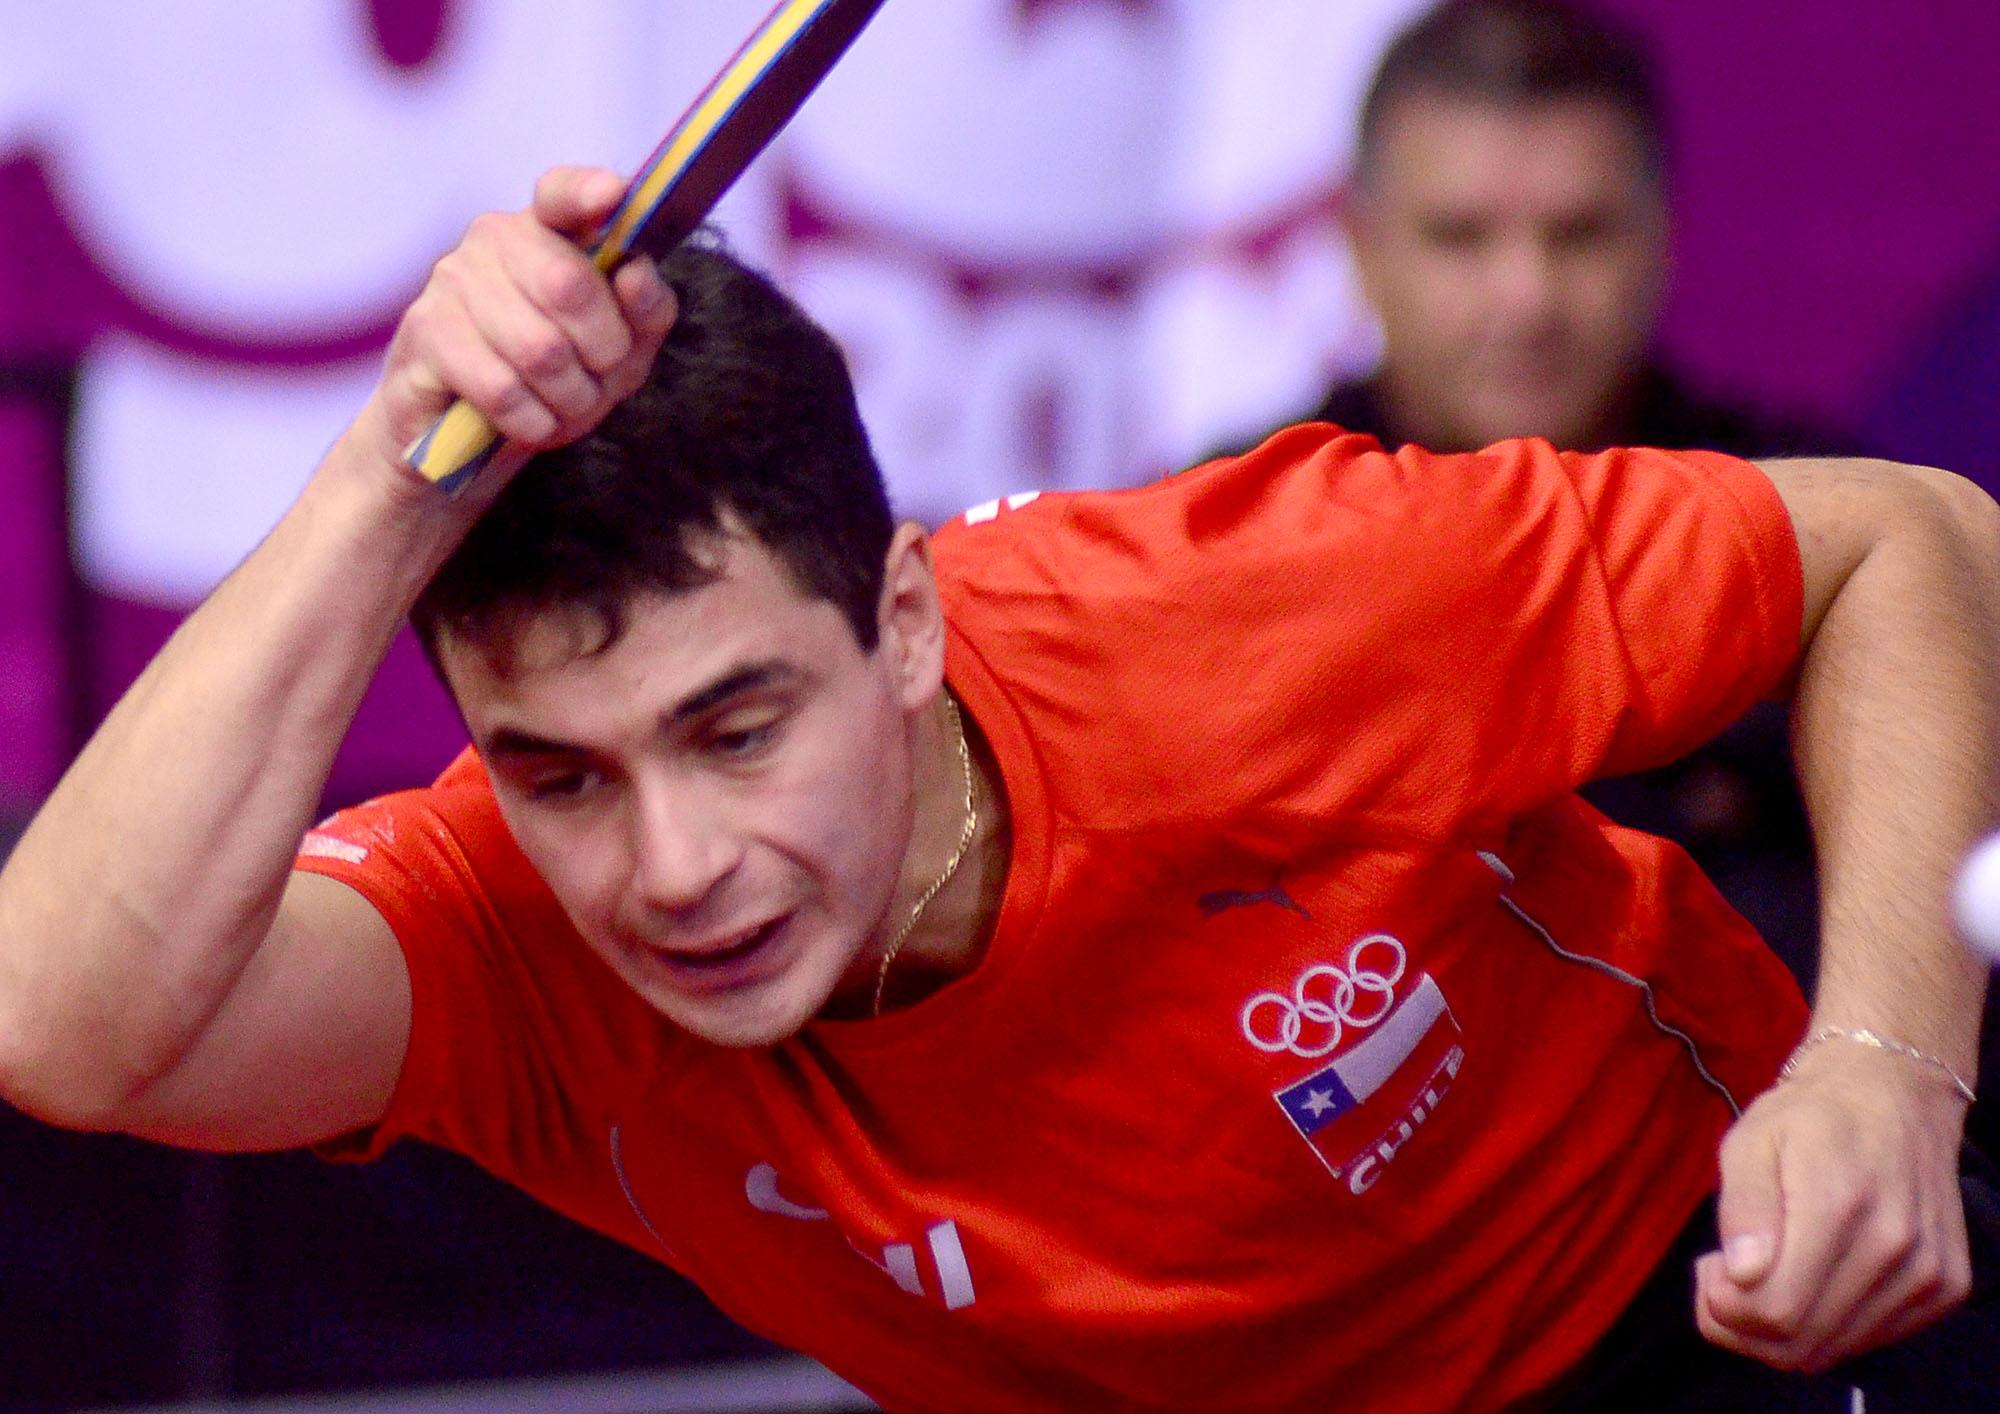 La Liga Chilena de Tenis de Mesa disputa su Fase Final en el Olímpico de San Miguel…